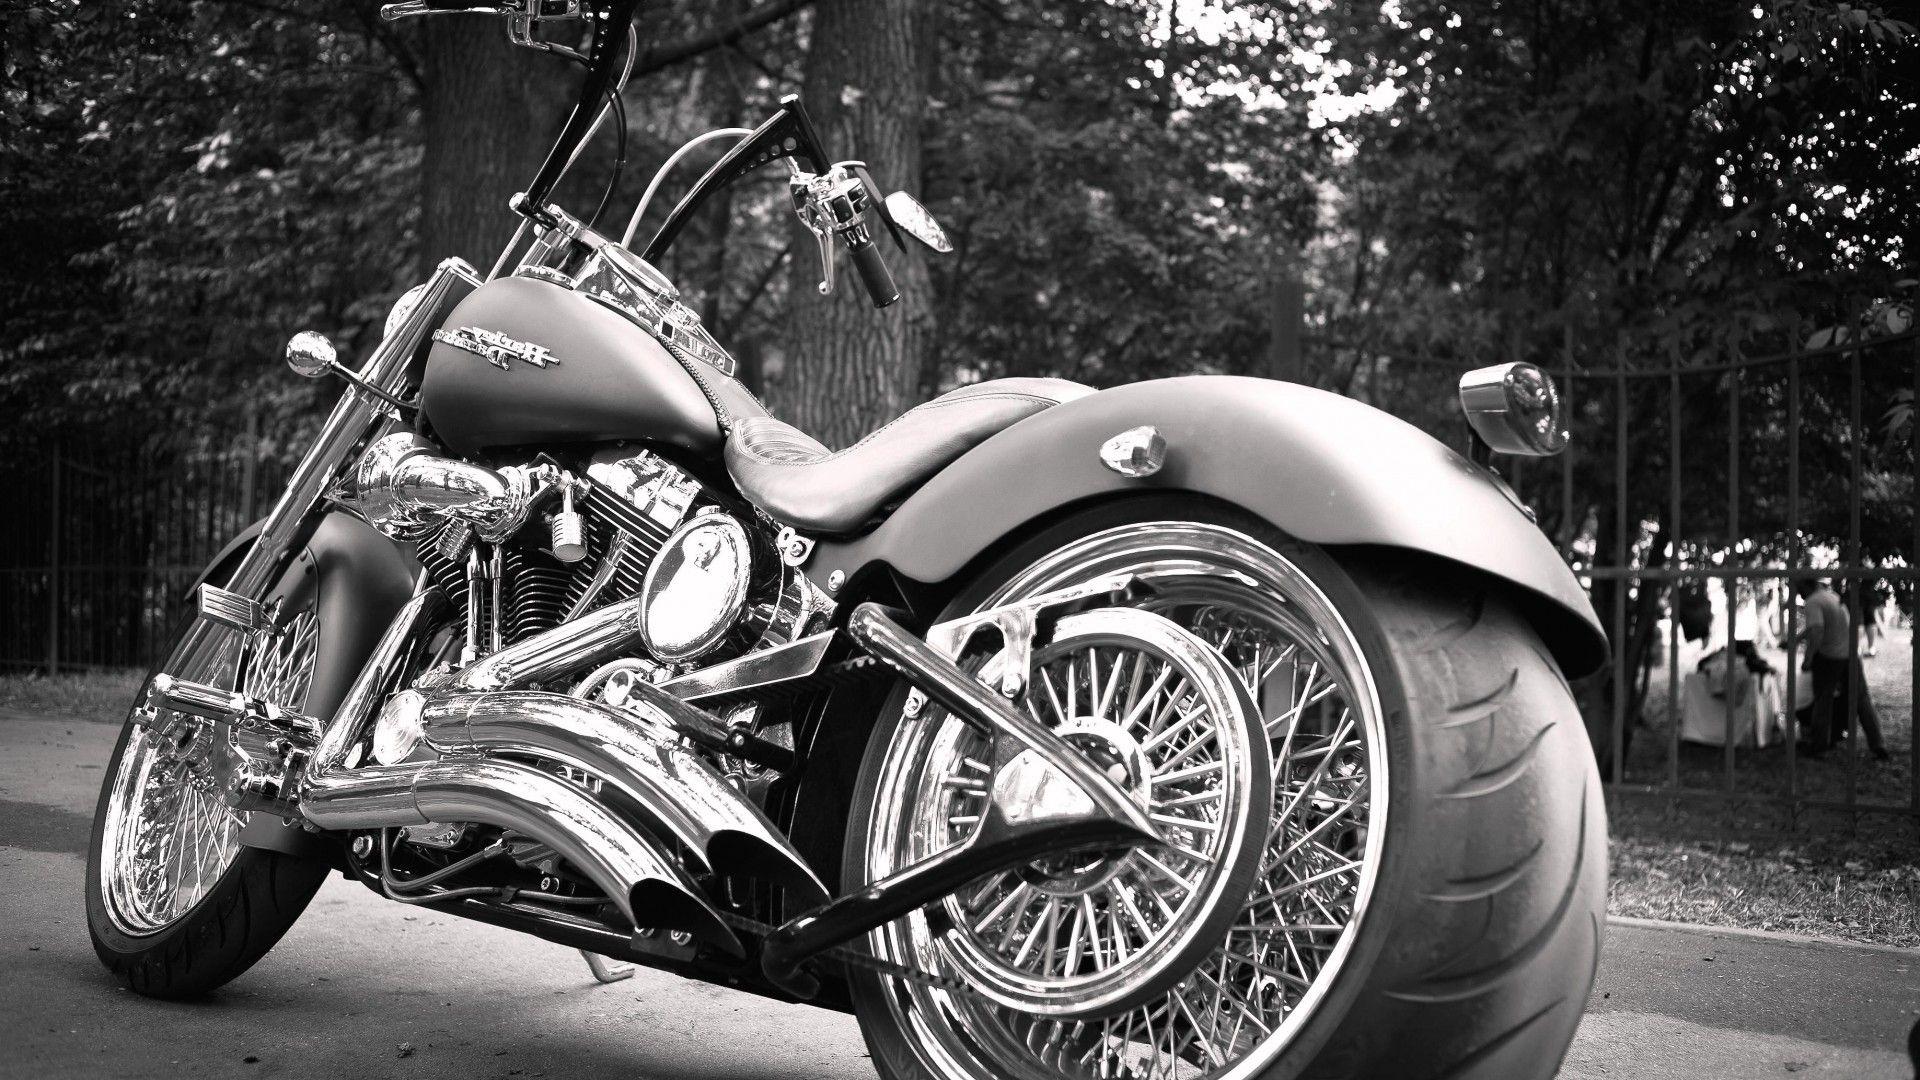 Harley Davidson Hd Wallpaper Free Download Motos